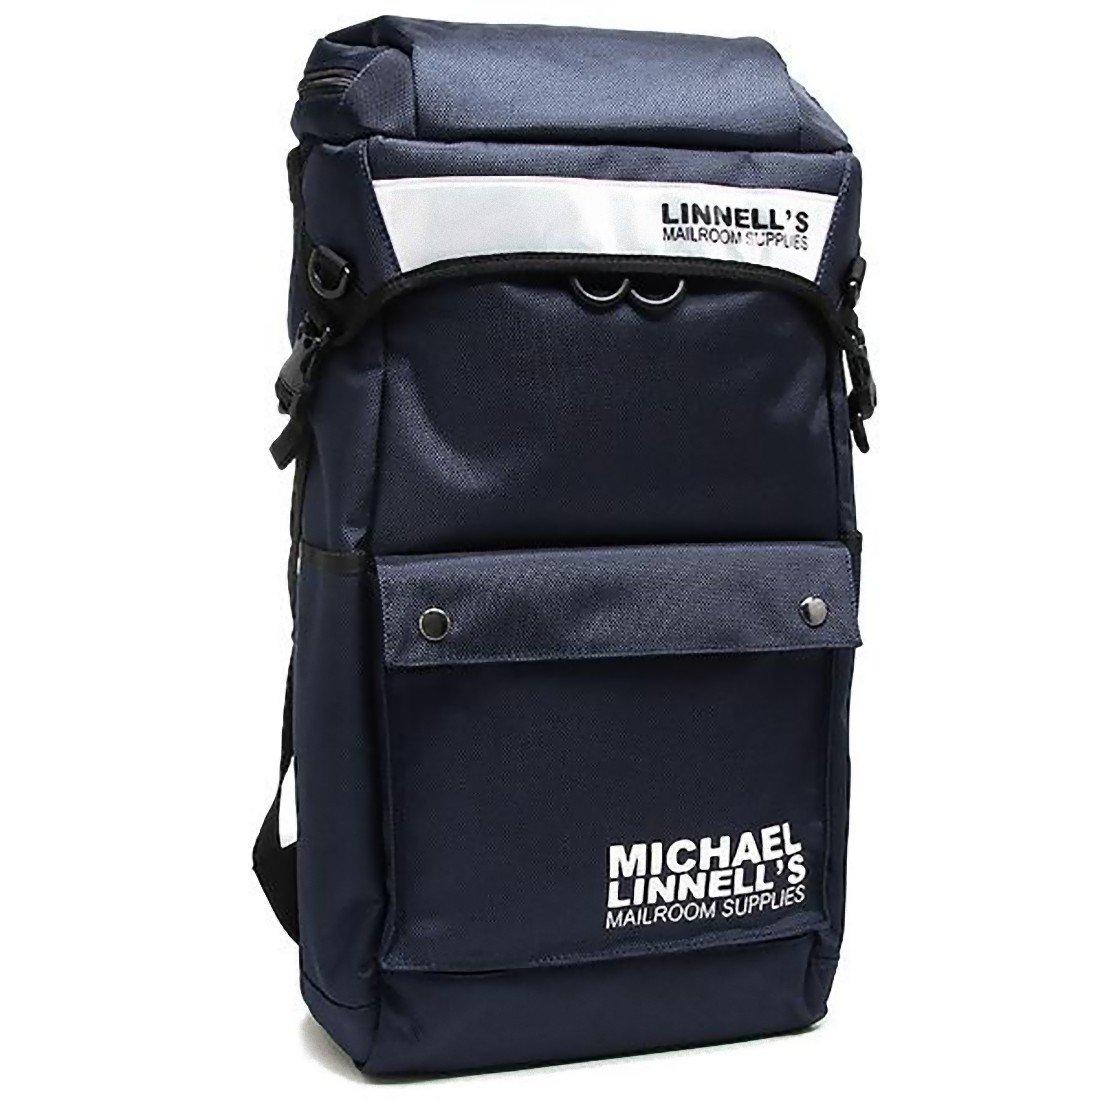 [マイケルリンネル] メンズ リュック MICHAEL LINNELL ML-013 約34L ネイビー ホワイト [並行輸入品]   B01JI2DECG